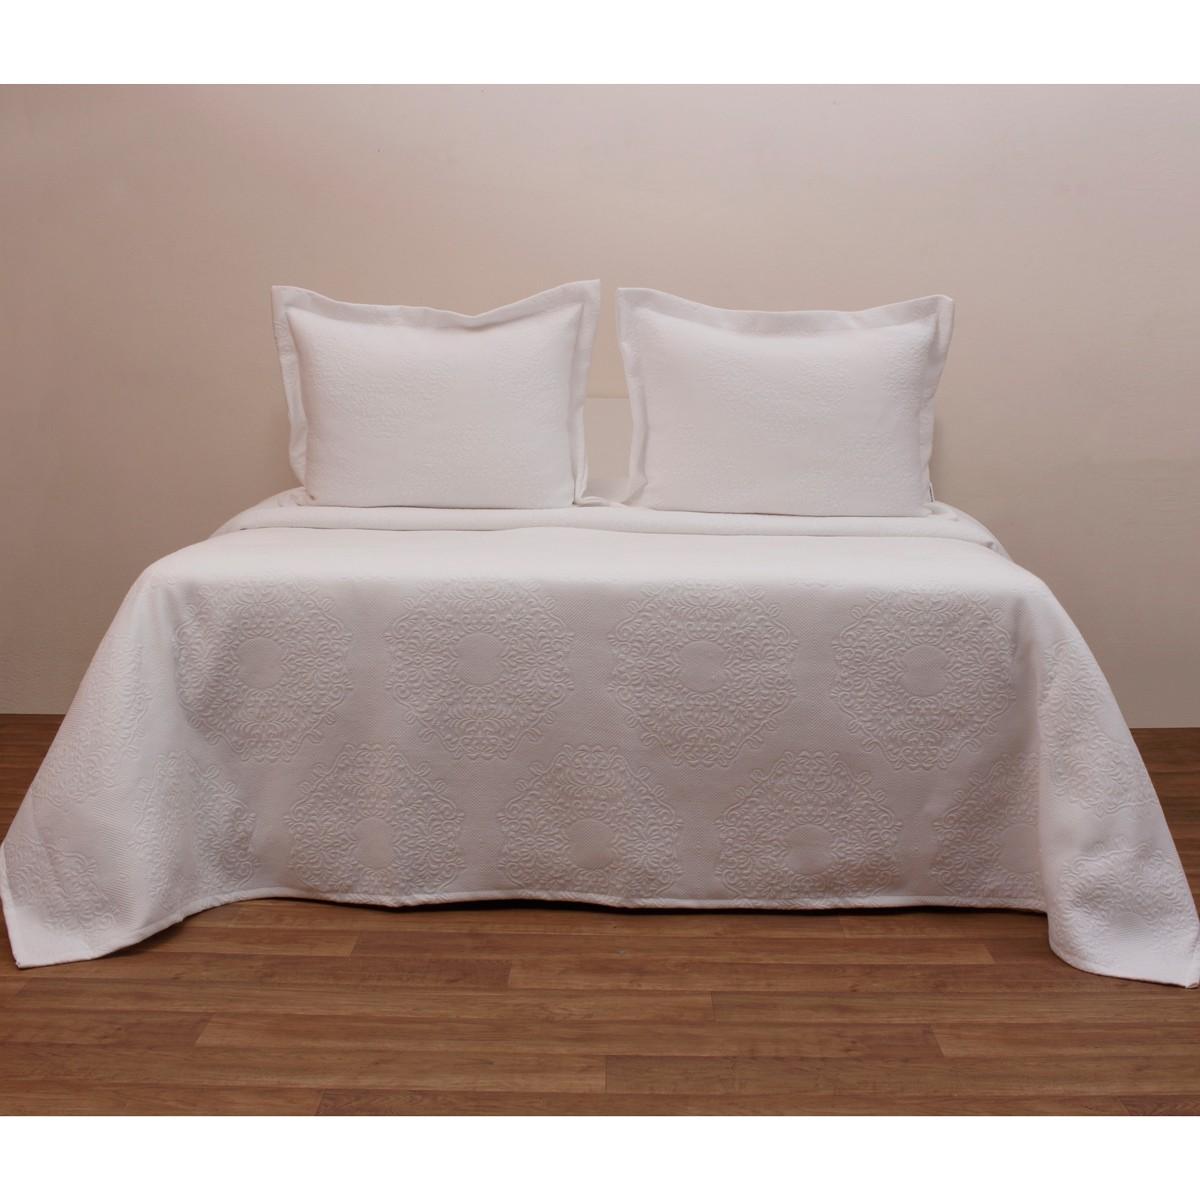 Κουβερτόριο Μονό Anna Riska Megan White home   κρεβατοκάμαρα   κουβέρτες   κουβέρτες καλοκαιρινές μονές